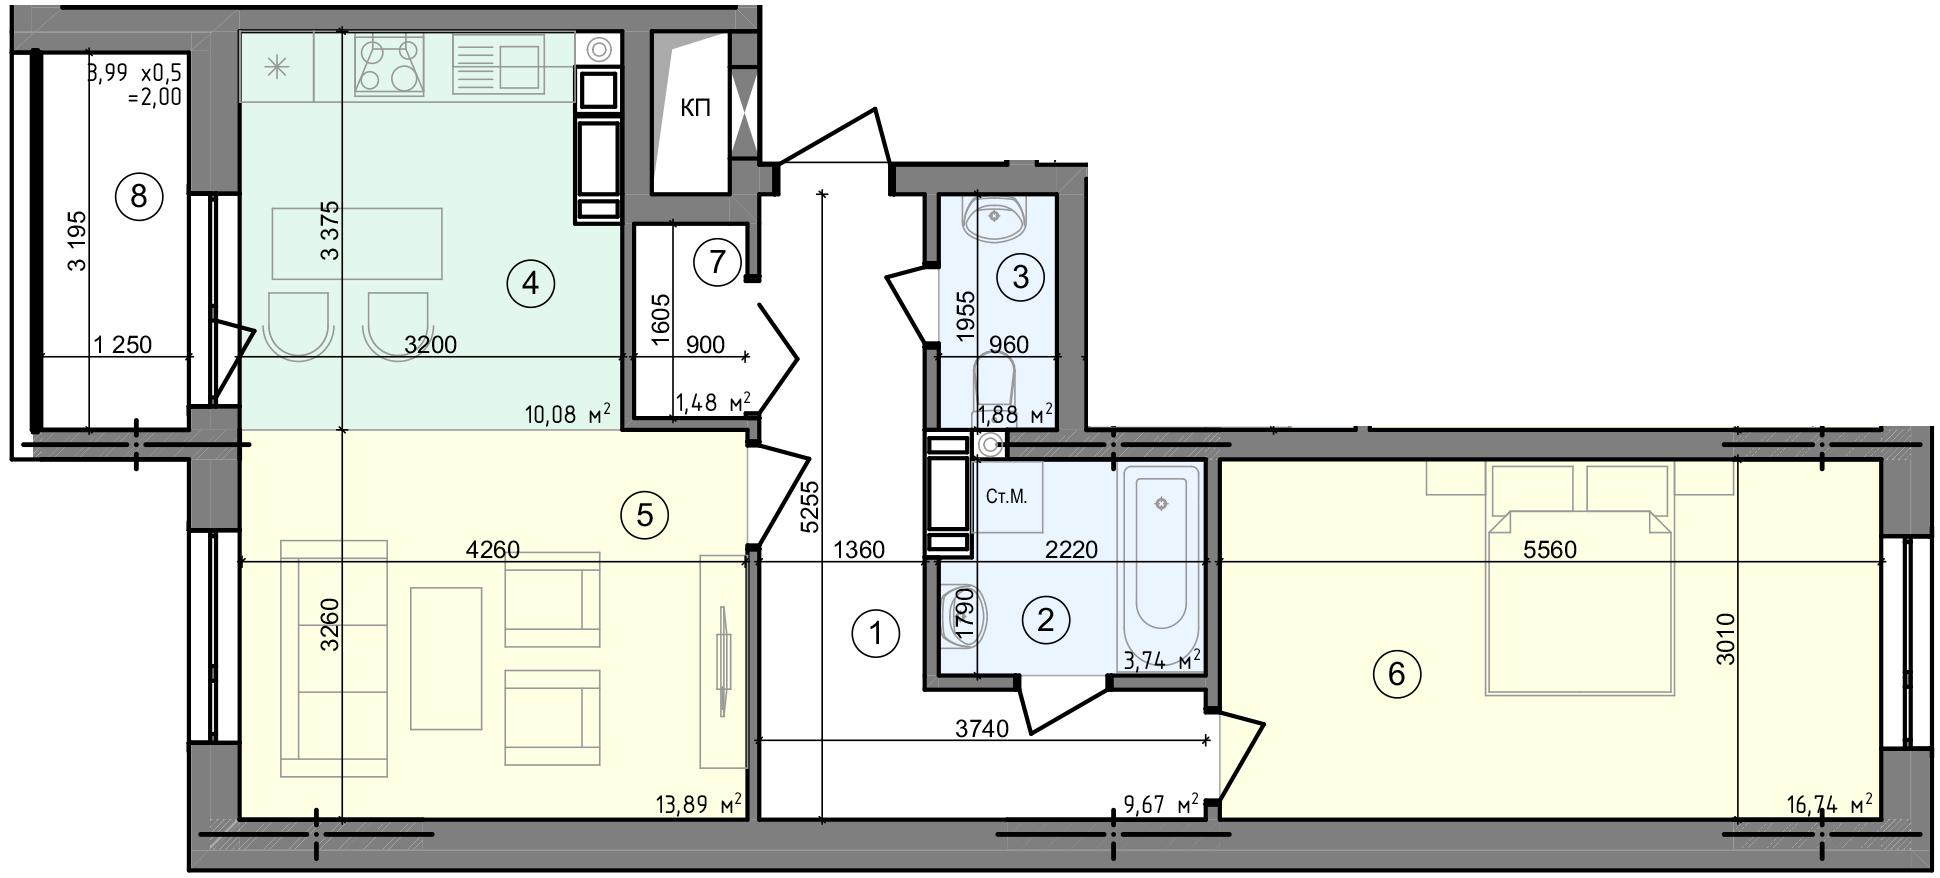 Купити Двокімнатна квартира 59,48 кв.м., тип 2.2, будинок 3, секція 4 в Києві Голосіївський район